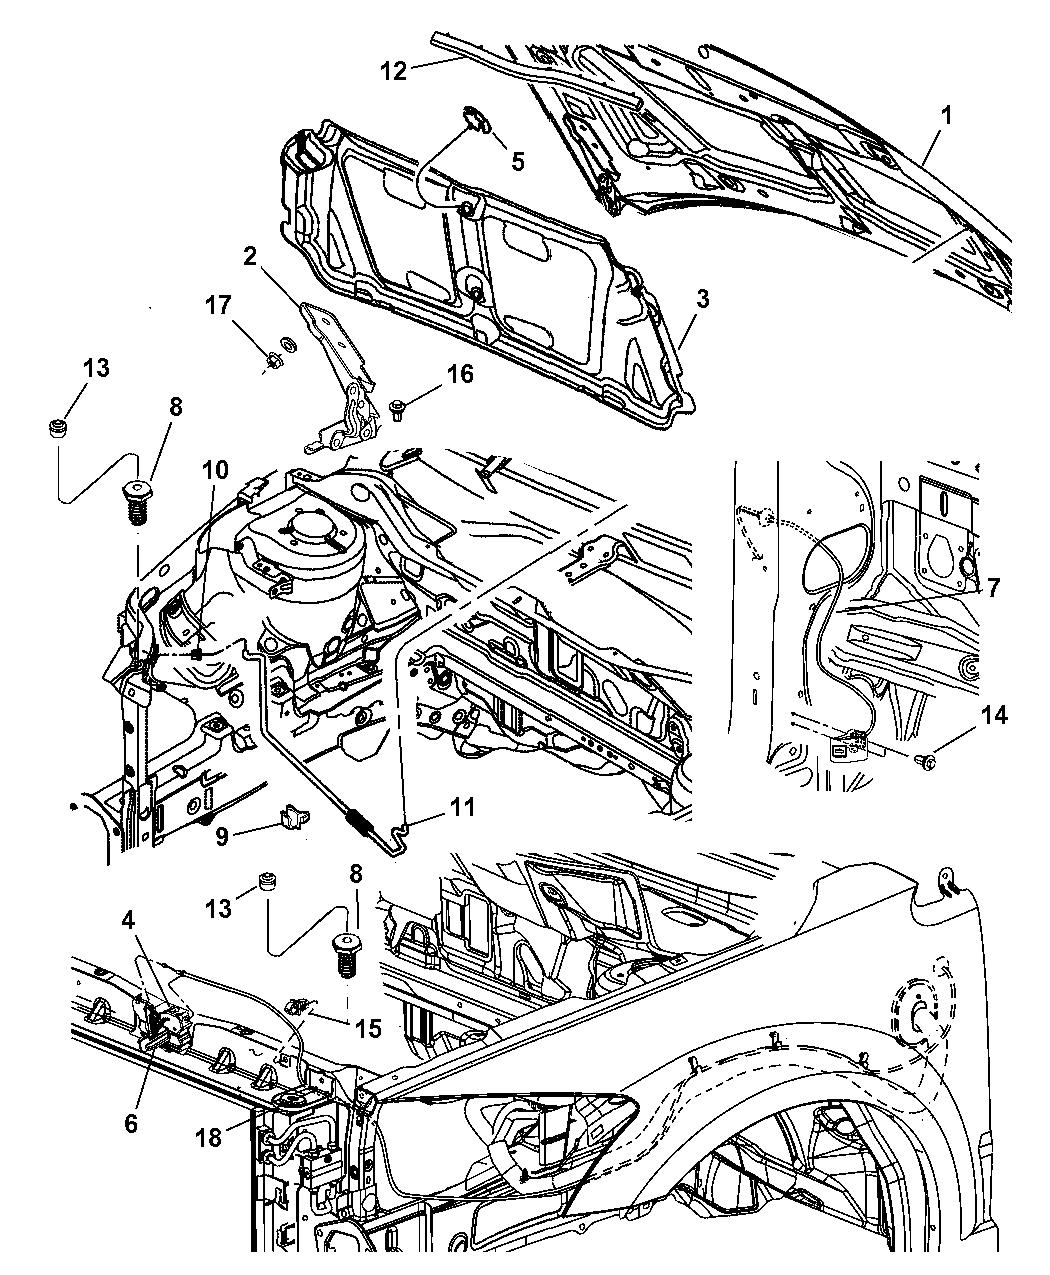 Polaris Pwc Wiring Diagram